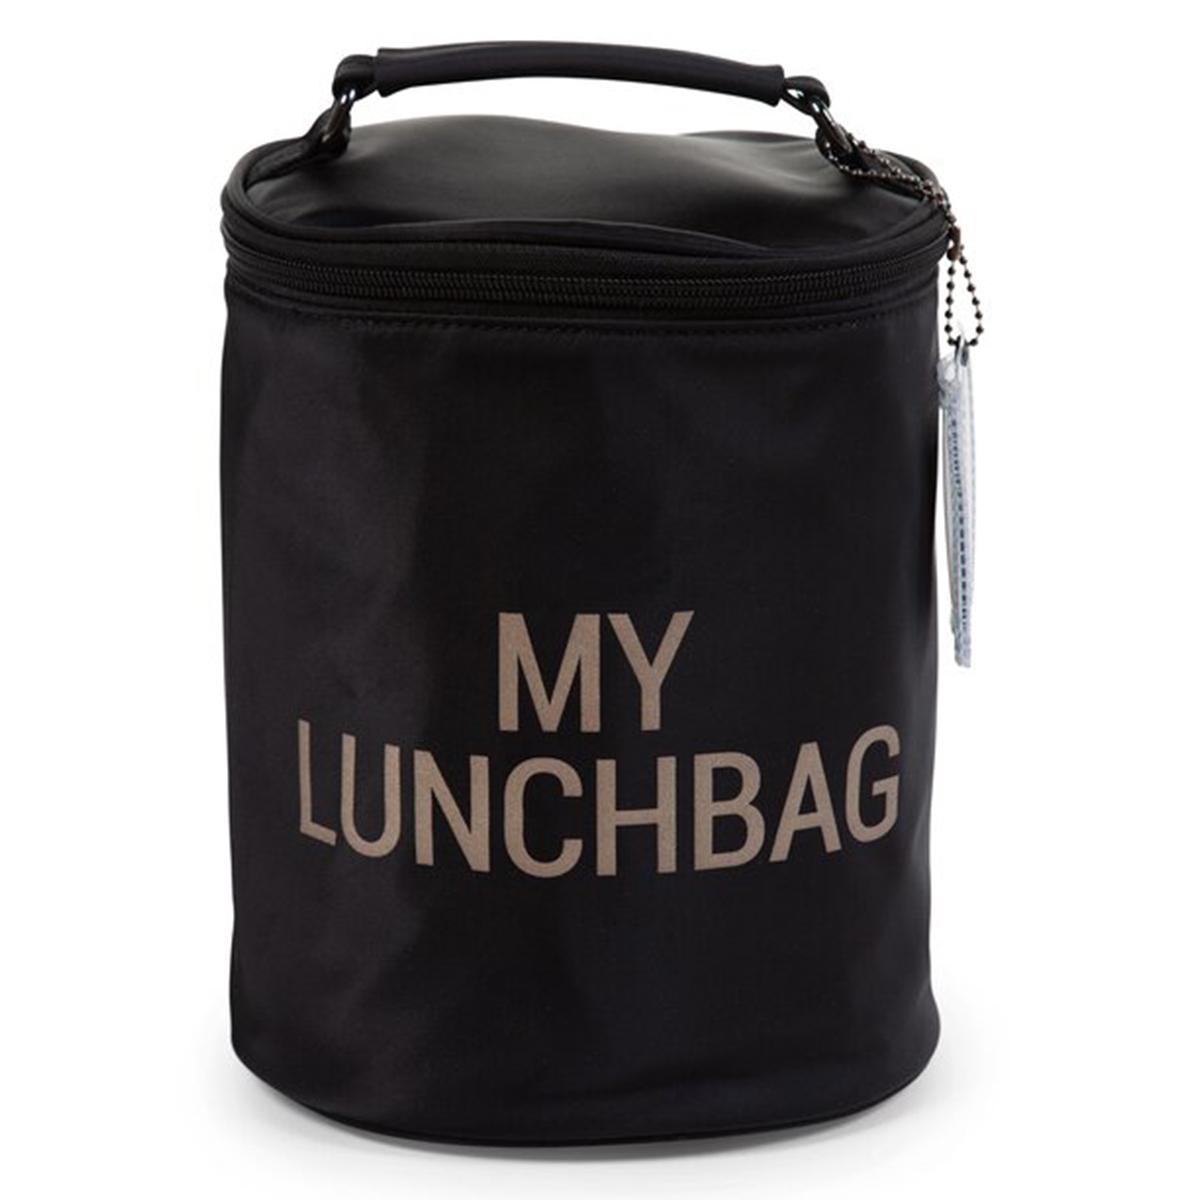 Sac isotherme My Lunchbag - Noir et Or My Lunchbag - Noir et Or